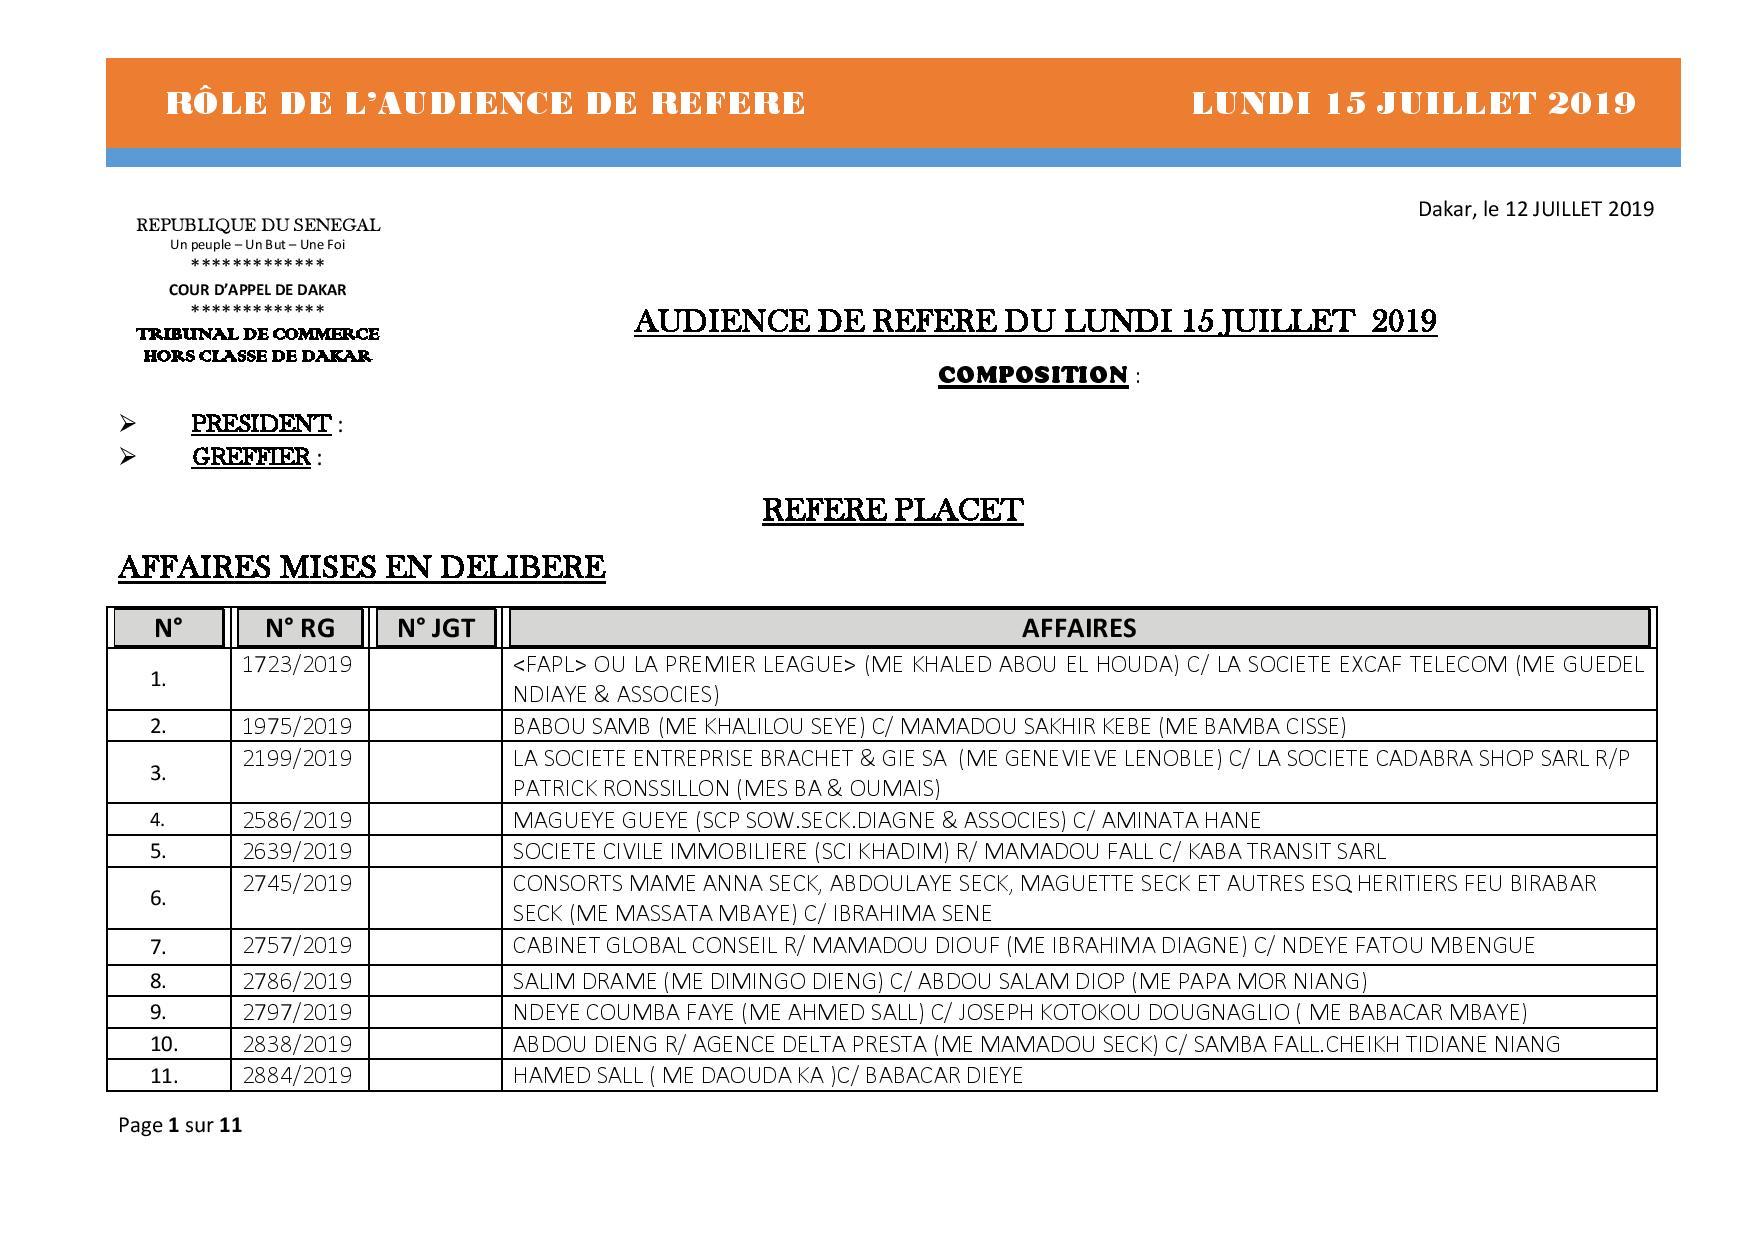 Tribunal du Commerce: Audiences des Référés de ce lundi 15 juillet 2019